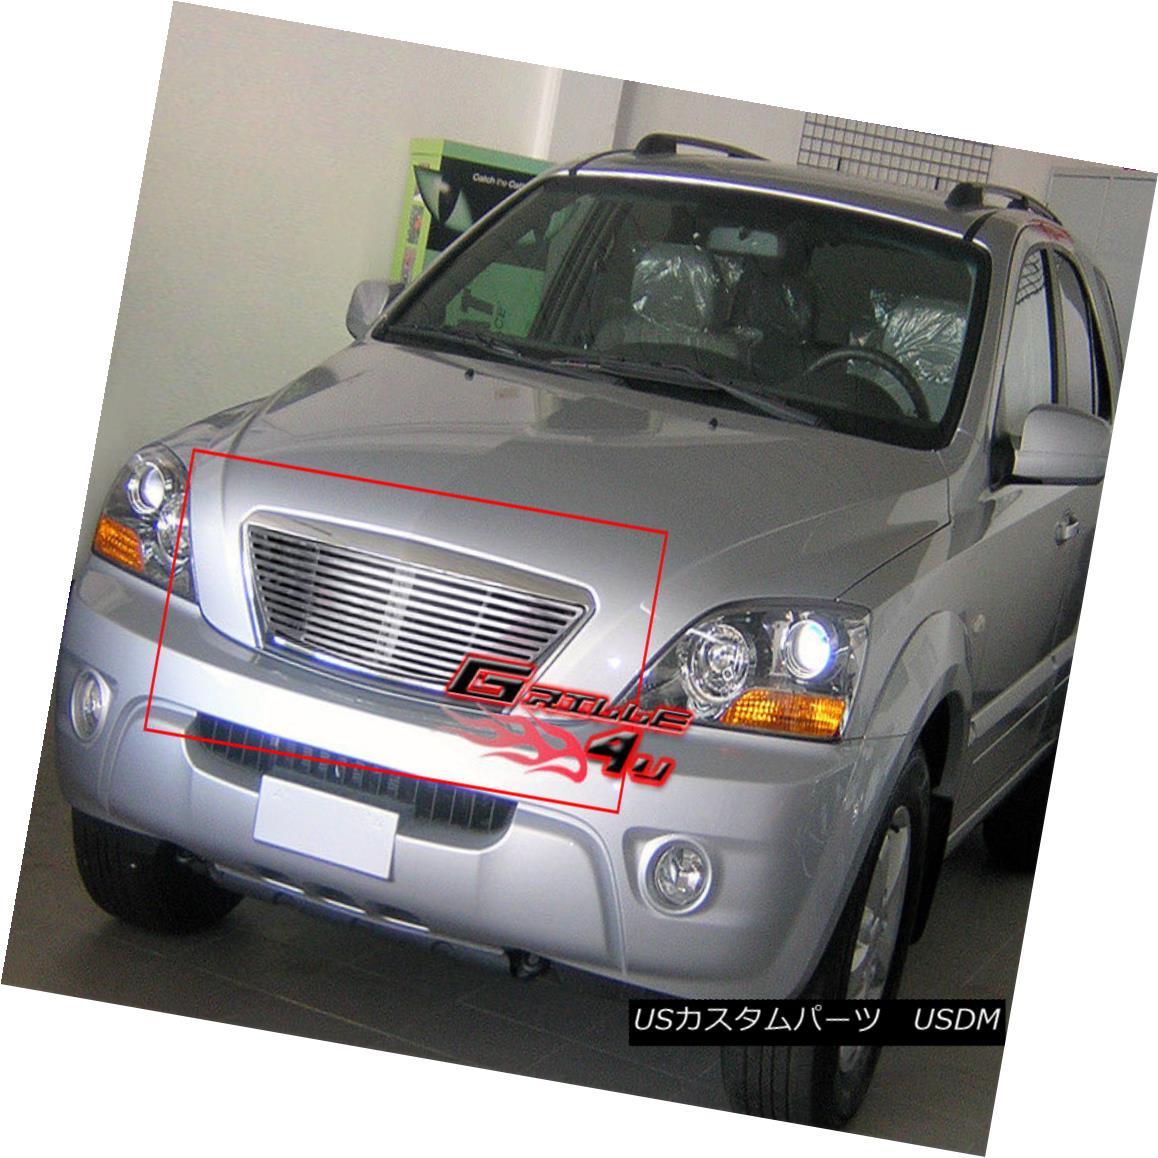 グリル Fits 2003-2006 Kia Sorento Perimeter Grille Grill Insert 2003?2006年のKia Sorentoペリメーターグリルグリルインサートに適合